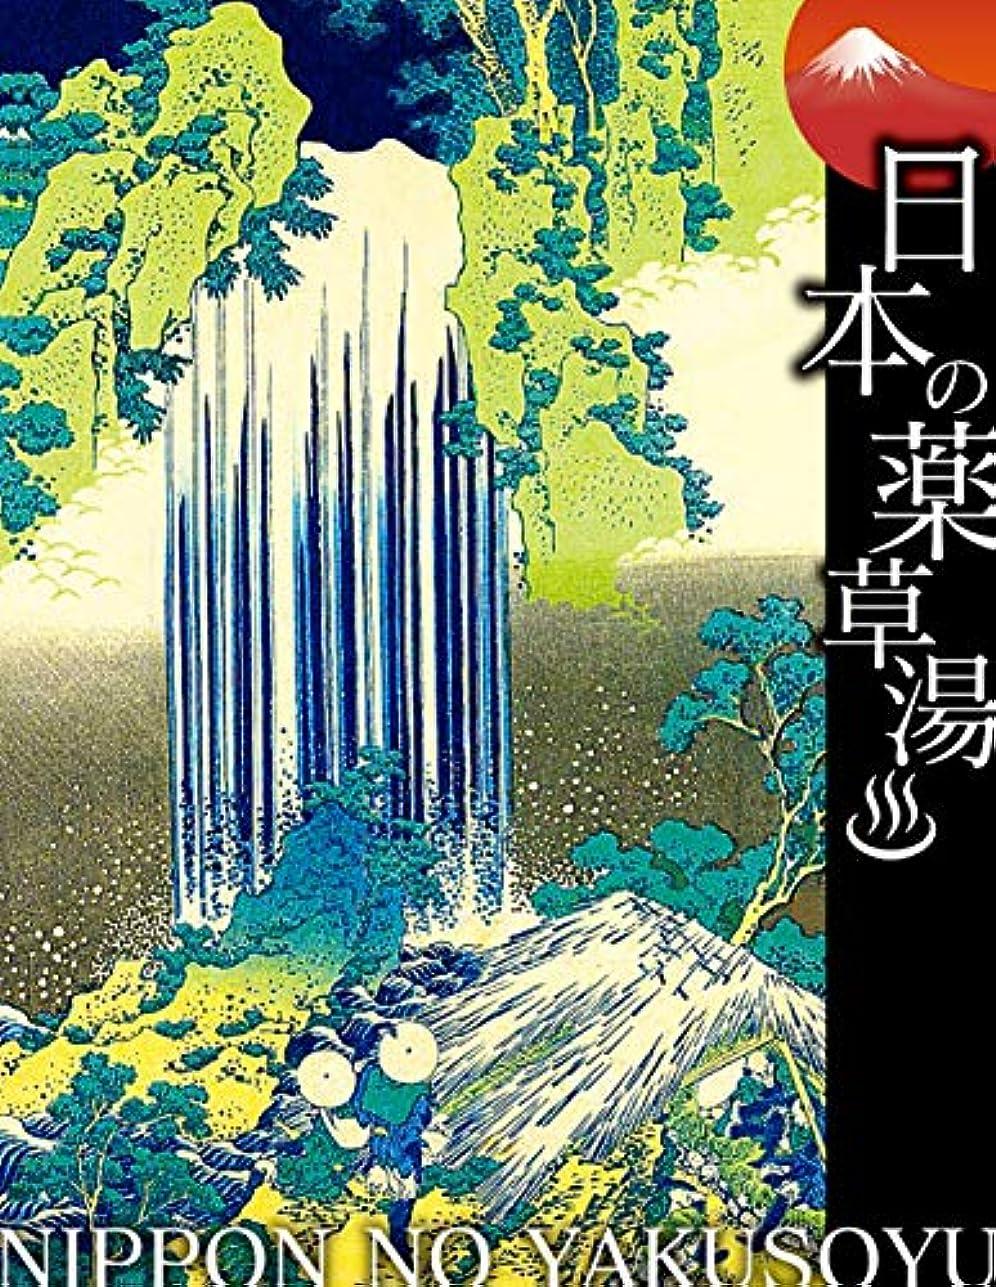 コンパイル休憩完璧な日本の薬草湯 美濃ノ国養老の瀧(諸国瀧廻り)